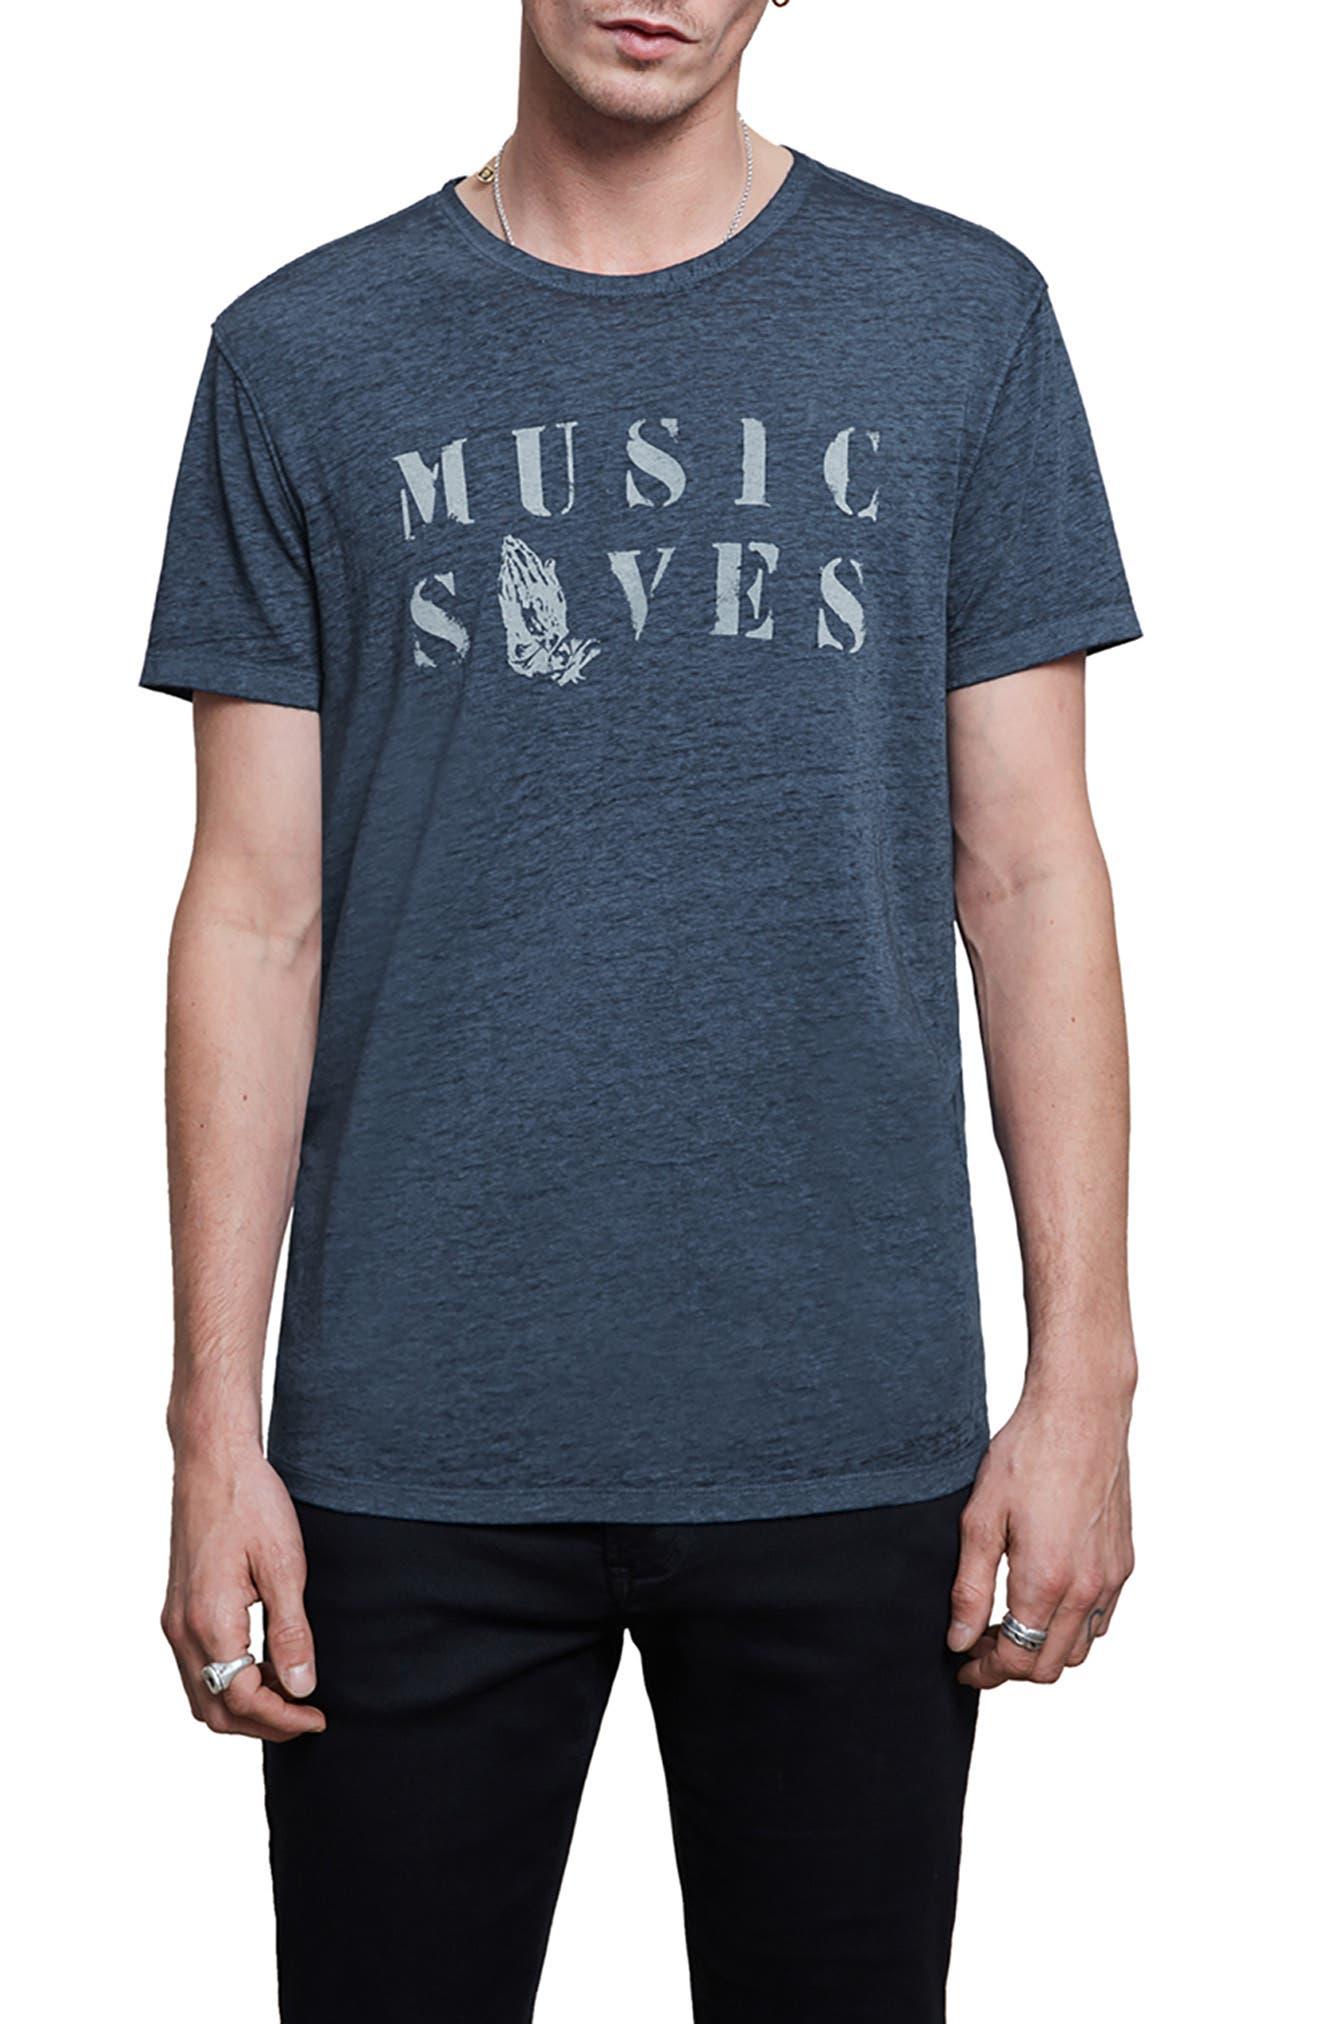 John Varvatos Men's John Varvatos Music Saves Graphic Tee, Size X-Small - Blue